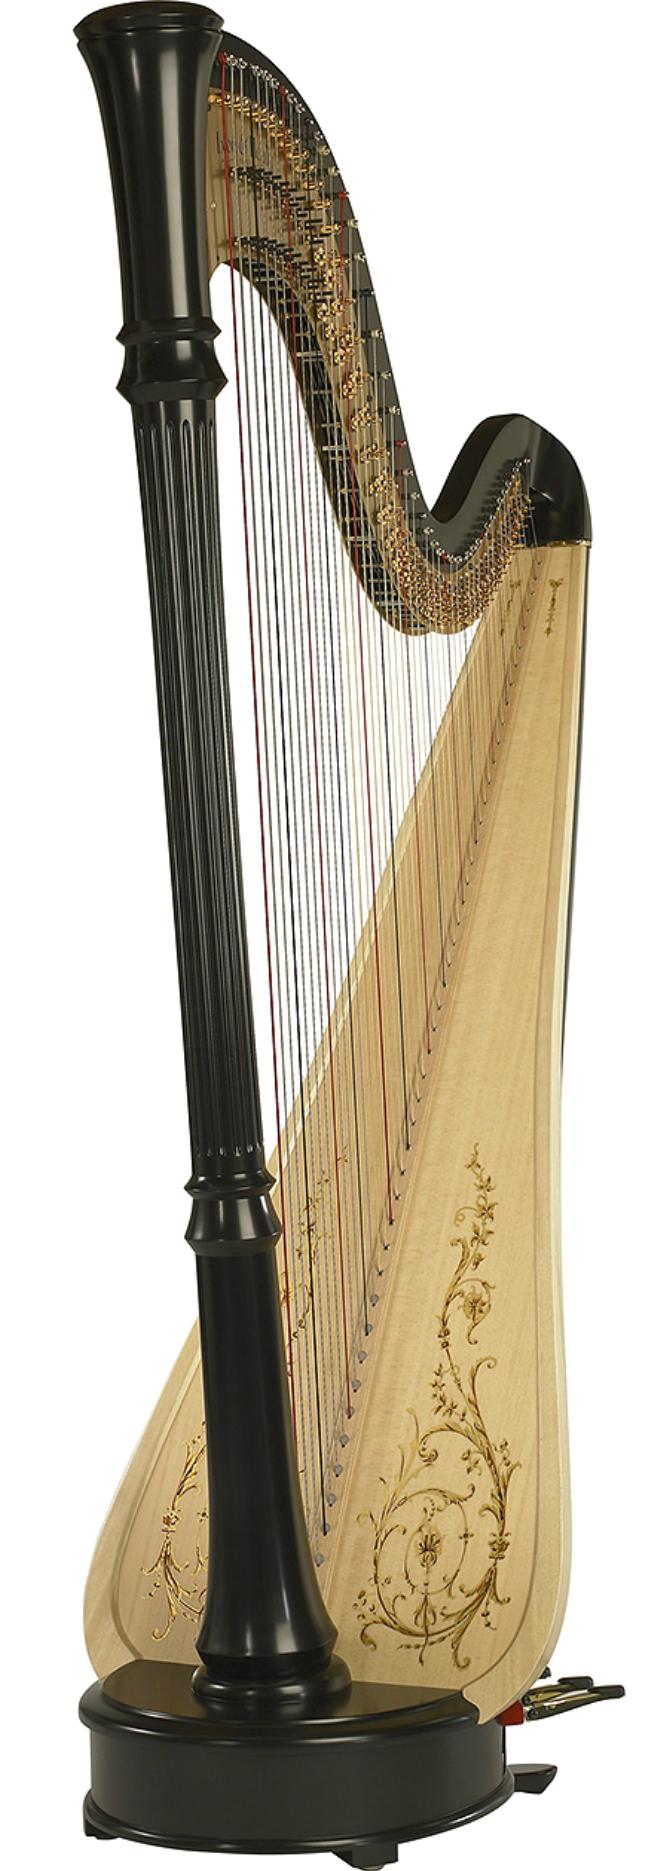 Lyon & Healy STYLE 85 CG - Pedálová harfa